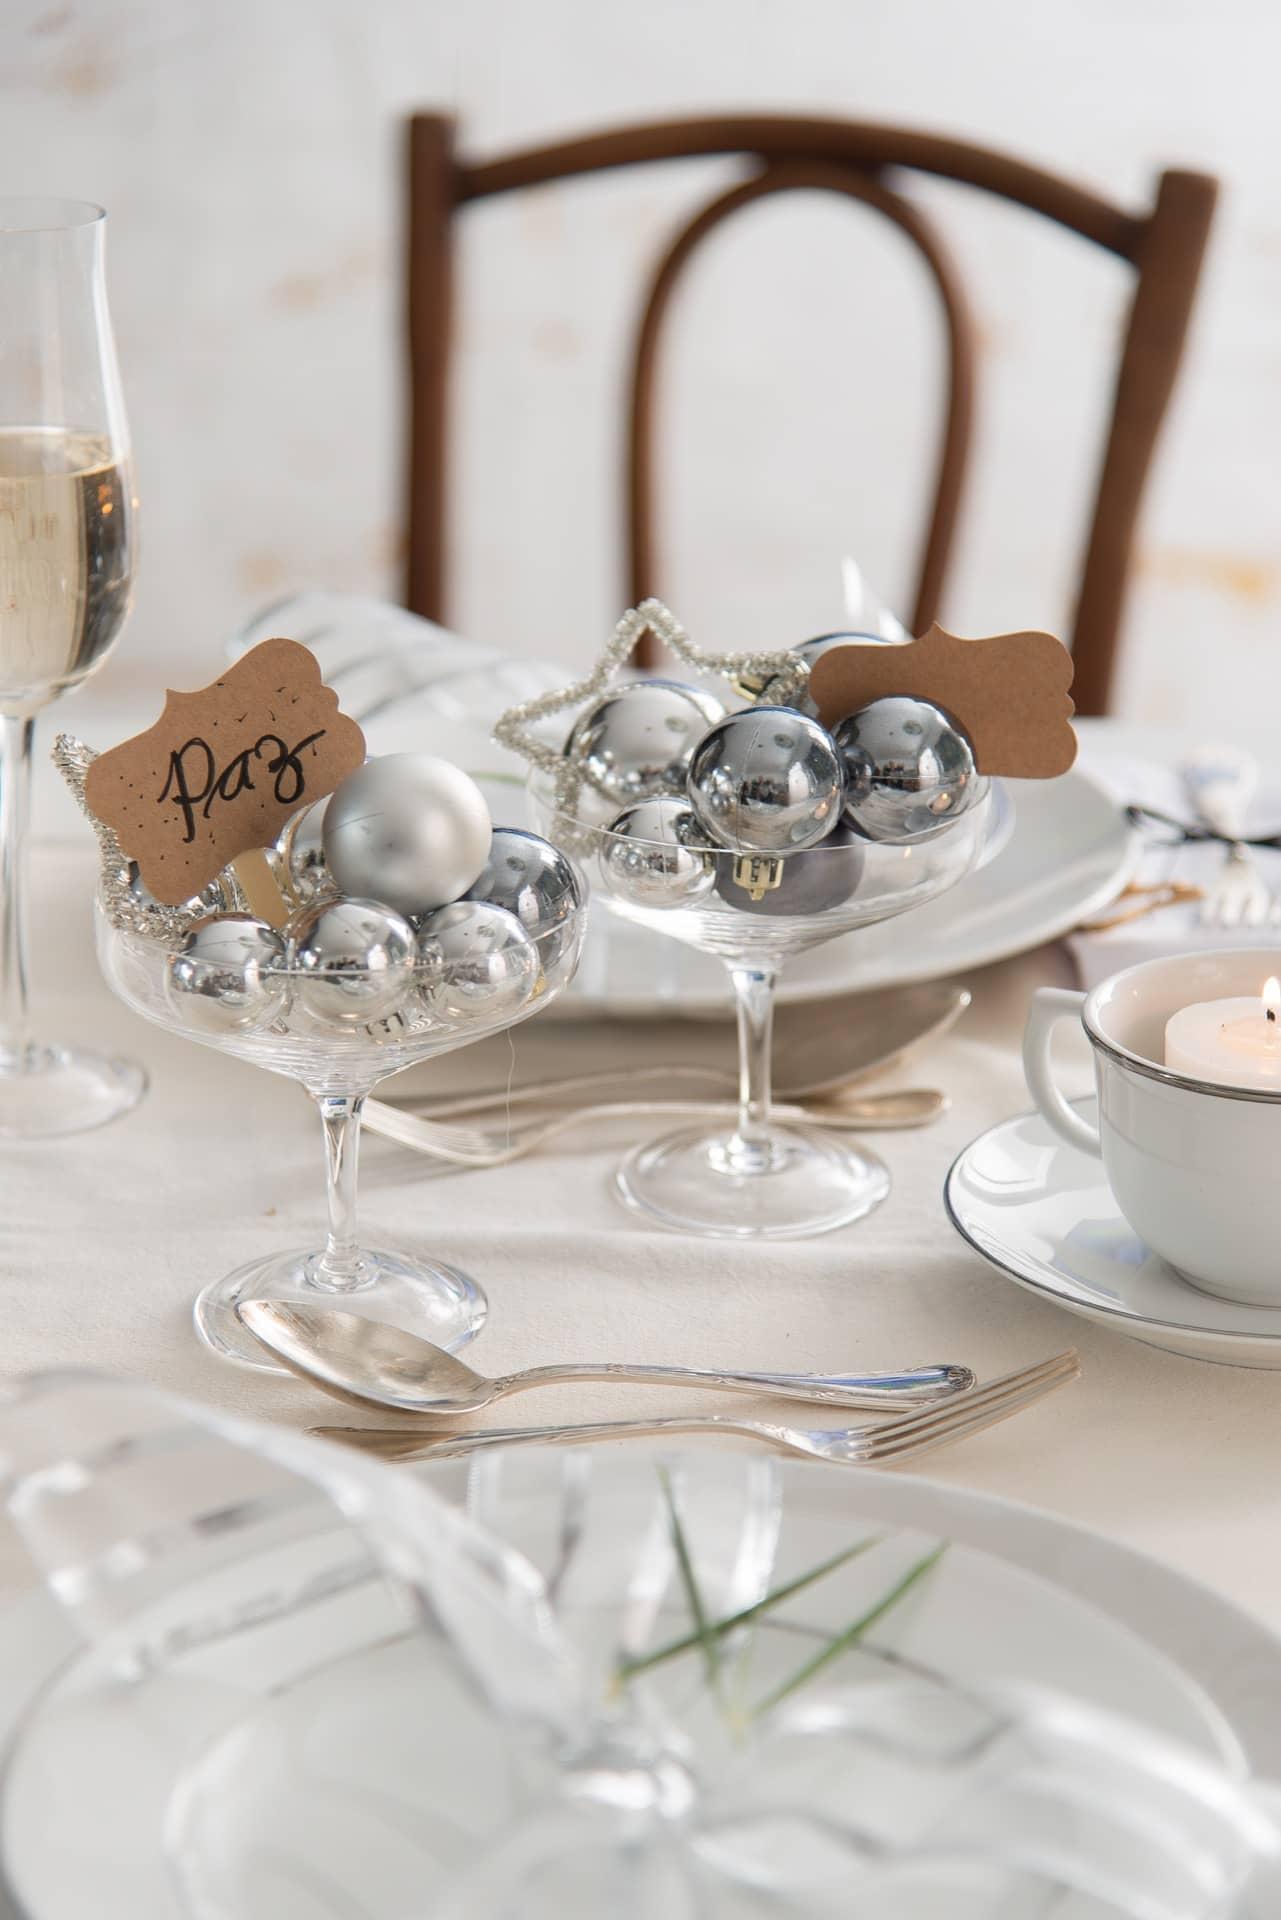 Imagem: No centro da mesa de Ano Novo, disponha taças de cristal Vintage, da Oxford Crystal, com bolas em vários tons de prata e votos de paz, saúde, felicidade. Foto: Cacá Bratke.